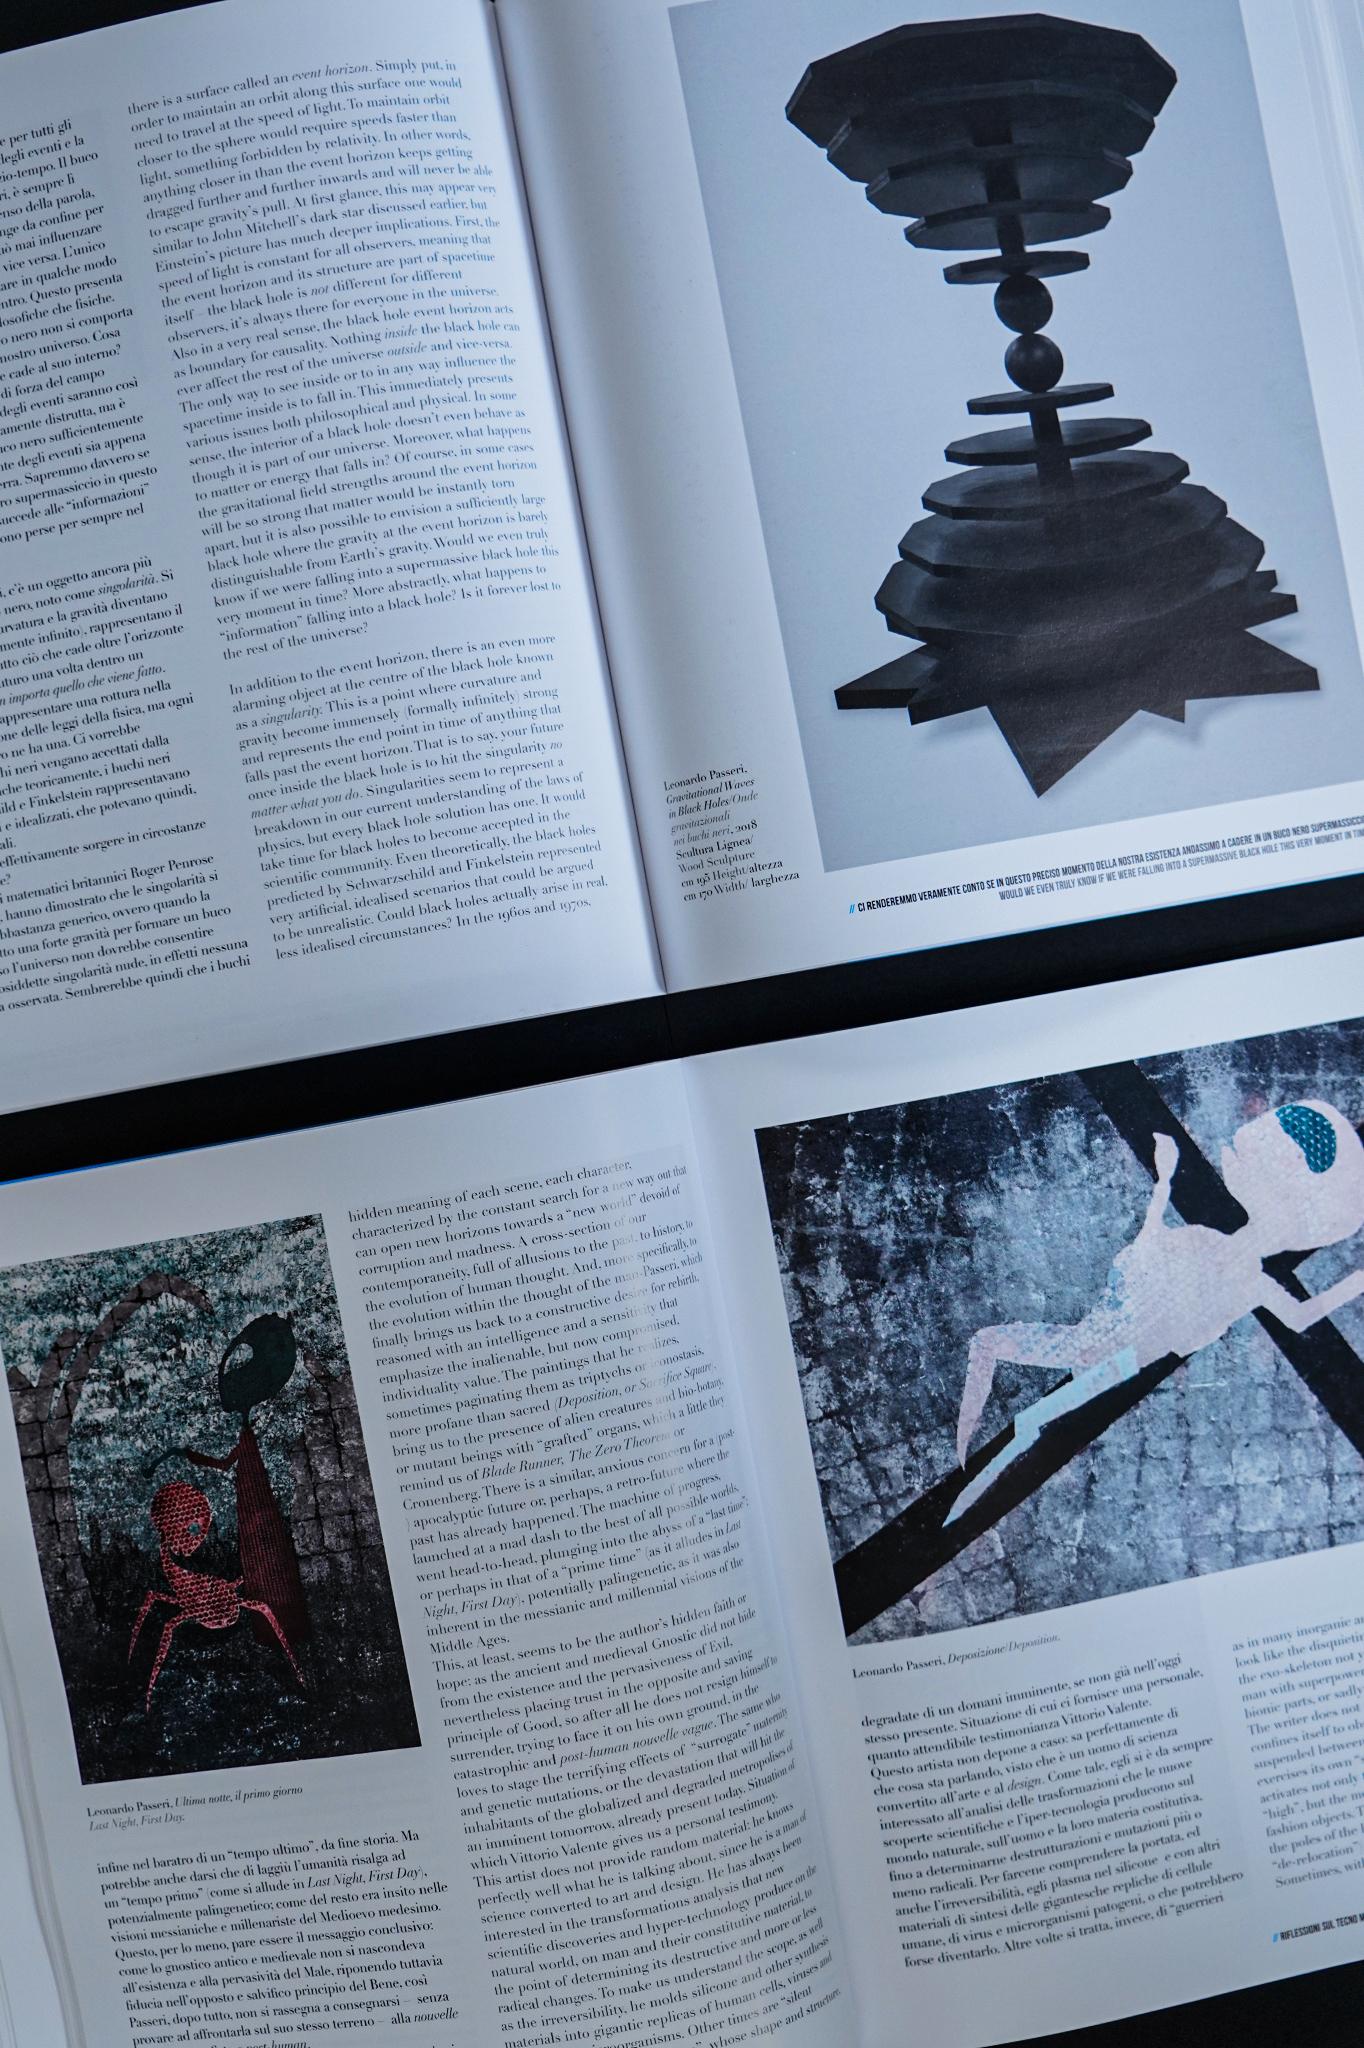 Leonardo Passeri - Art Publication